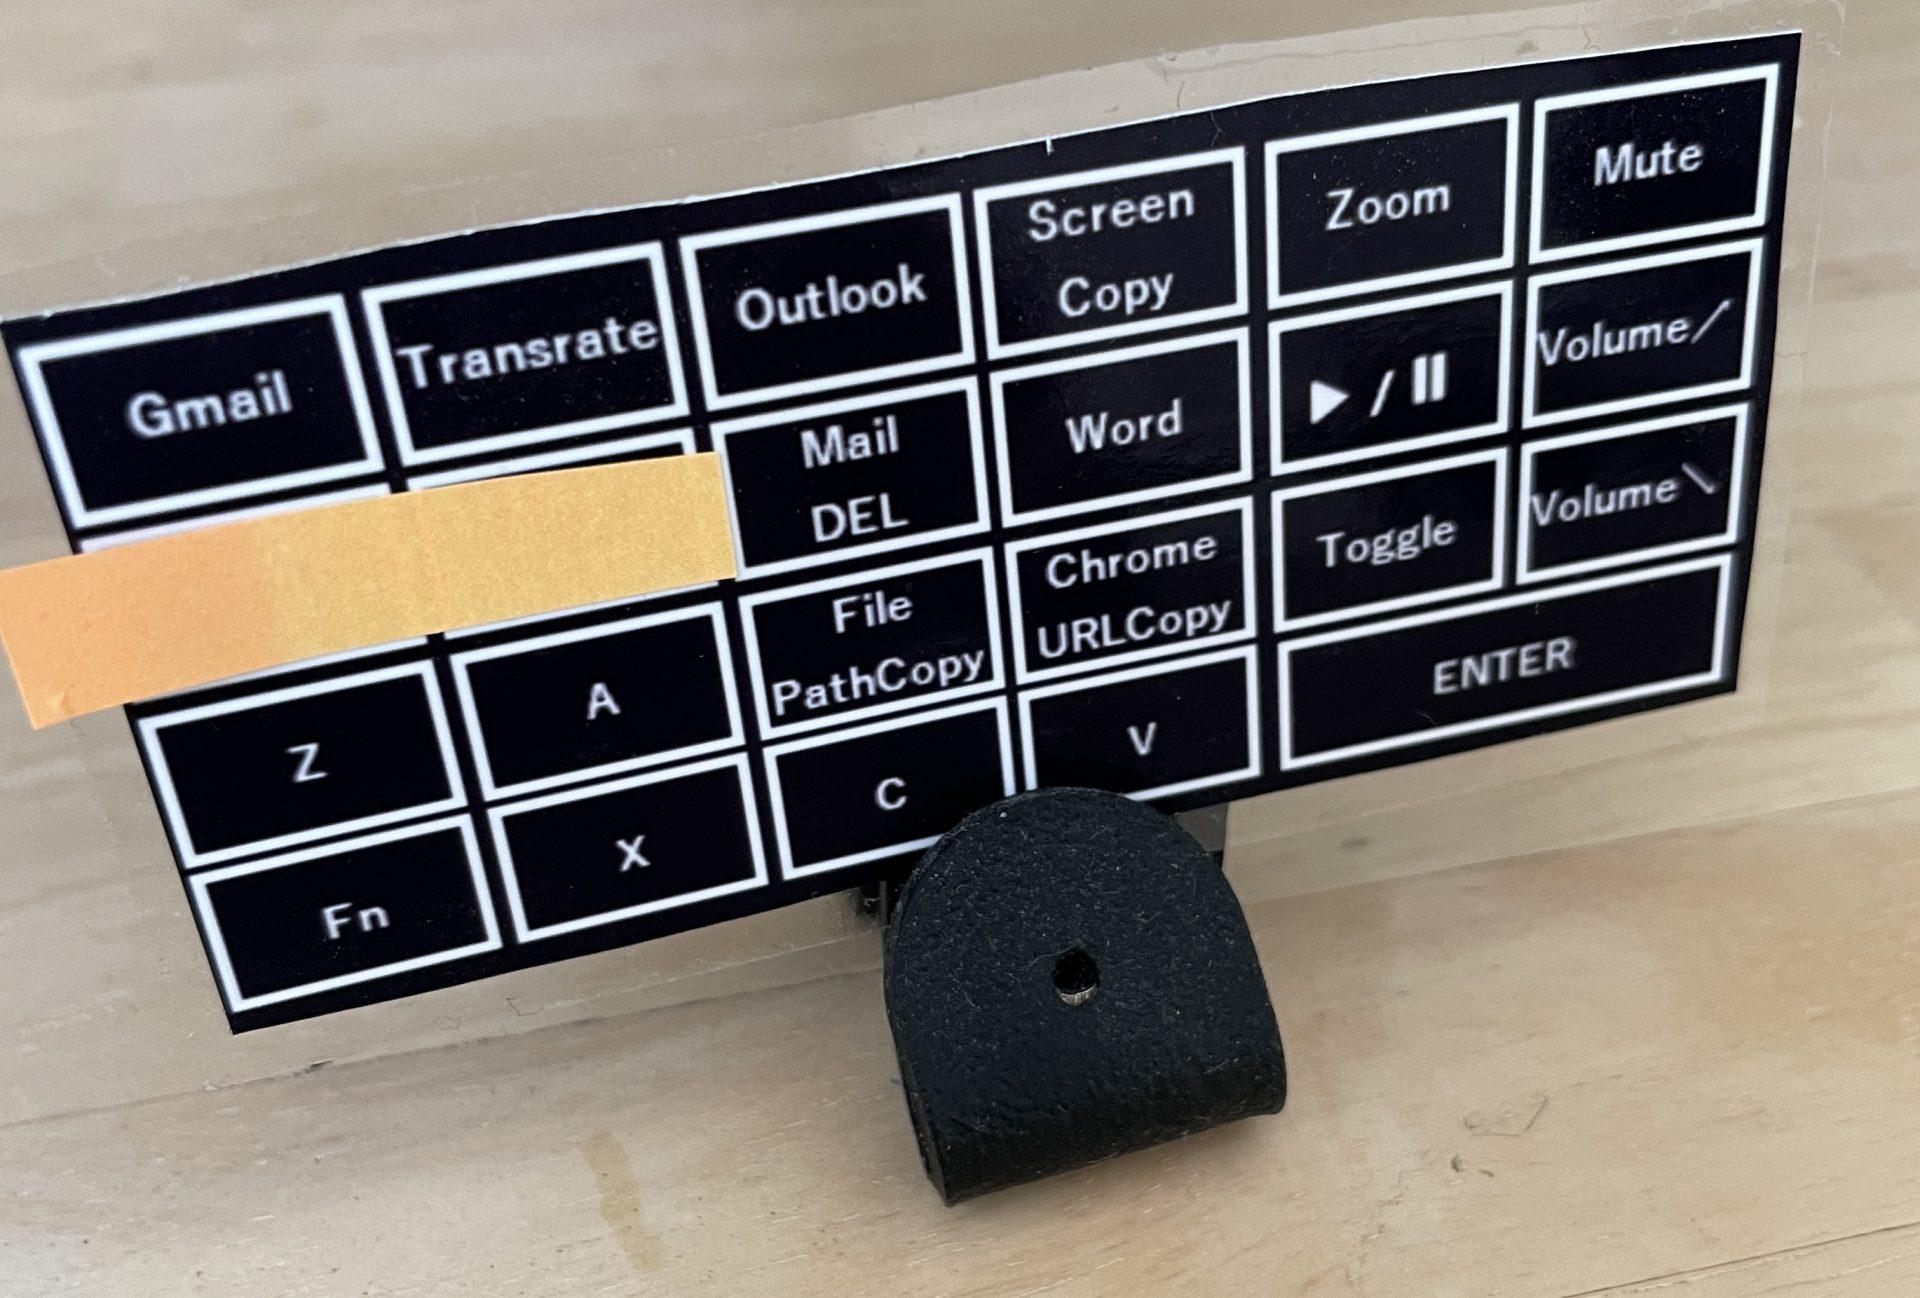 Koolertronメカニカルキーボード早見表